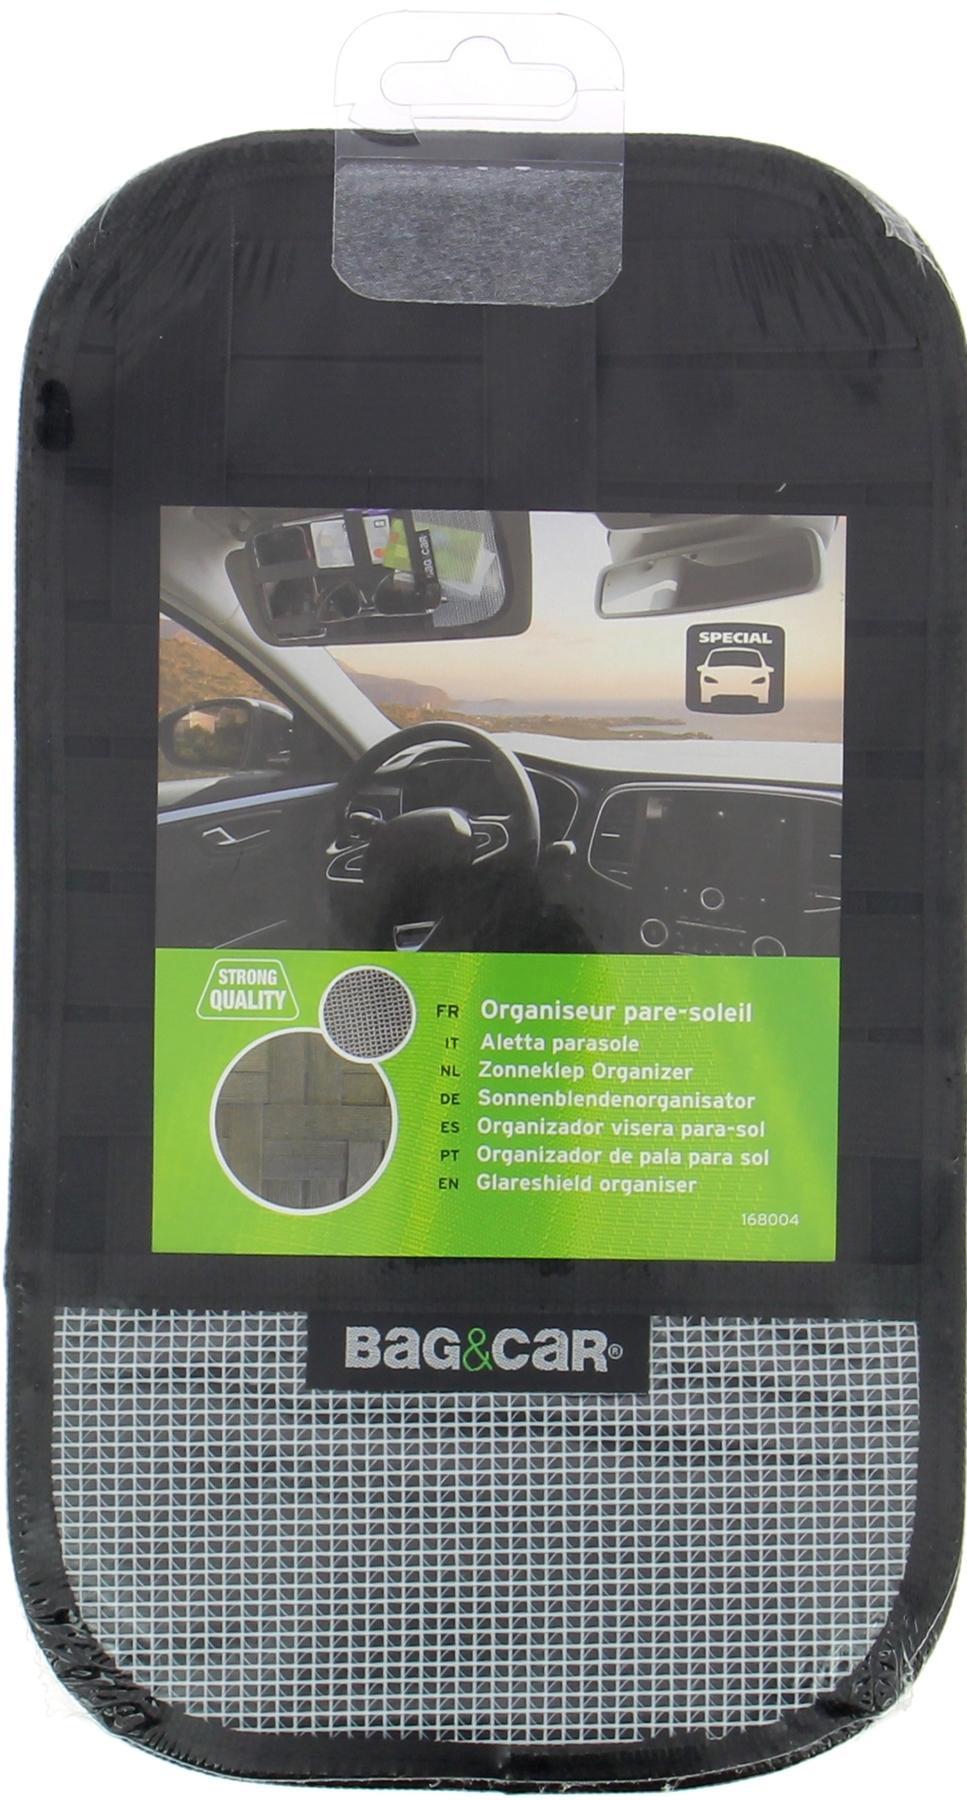 Сar seat organiser BAG&CAR 168004 expert knowledge